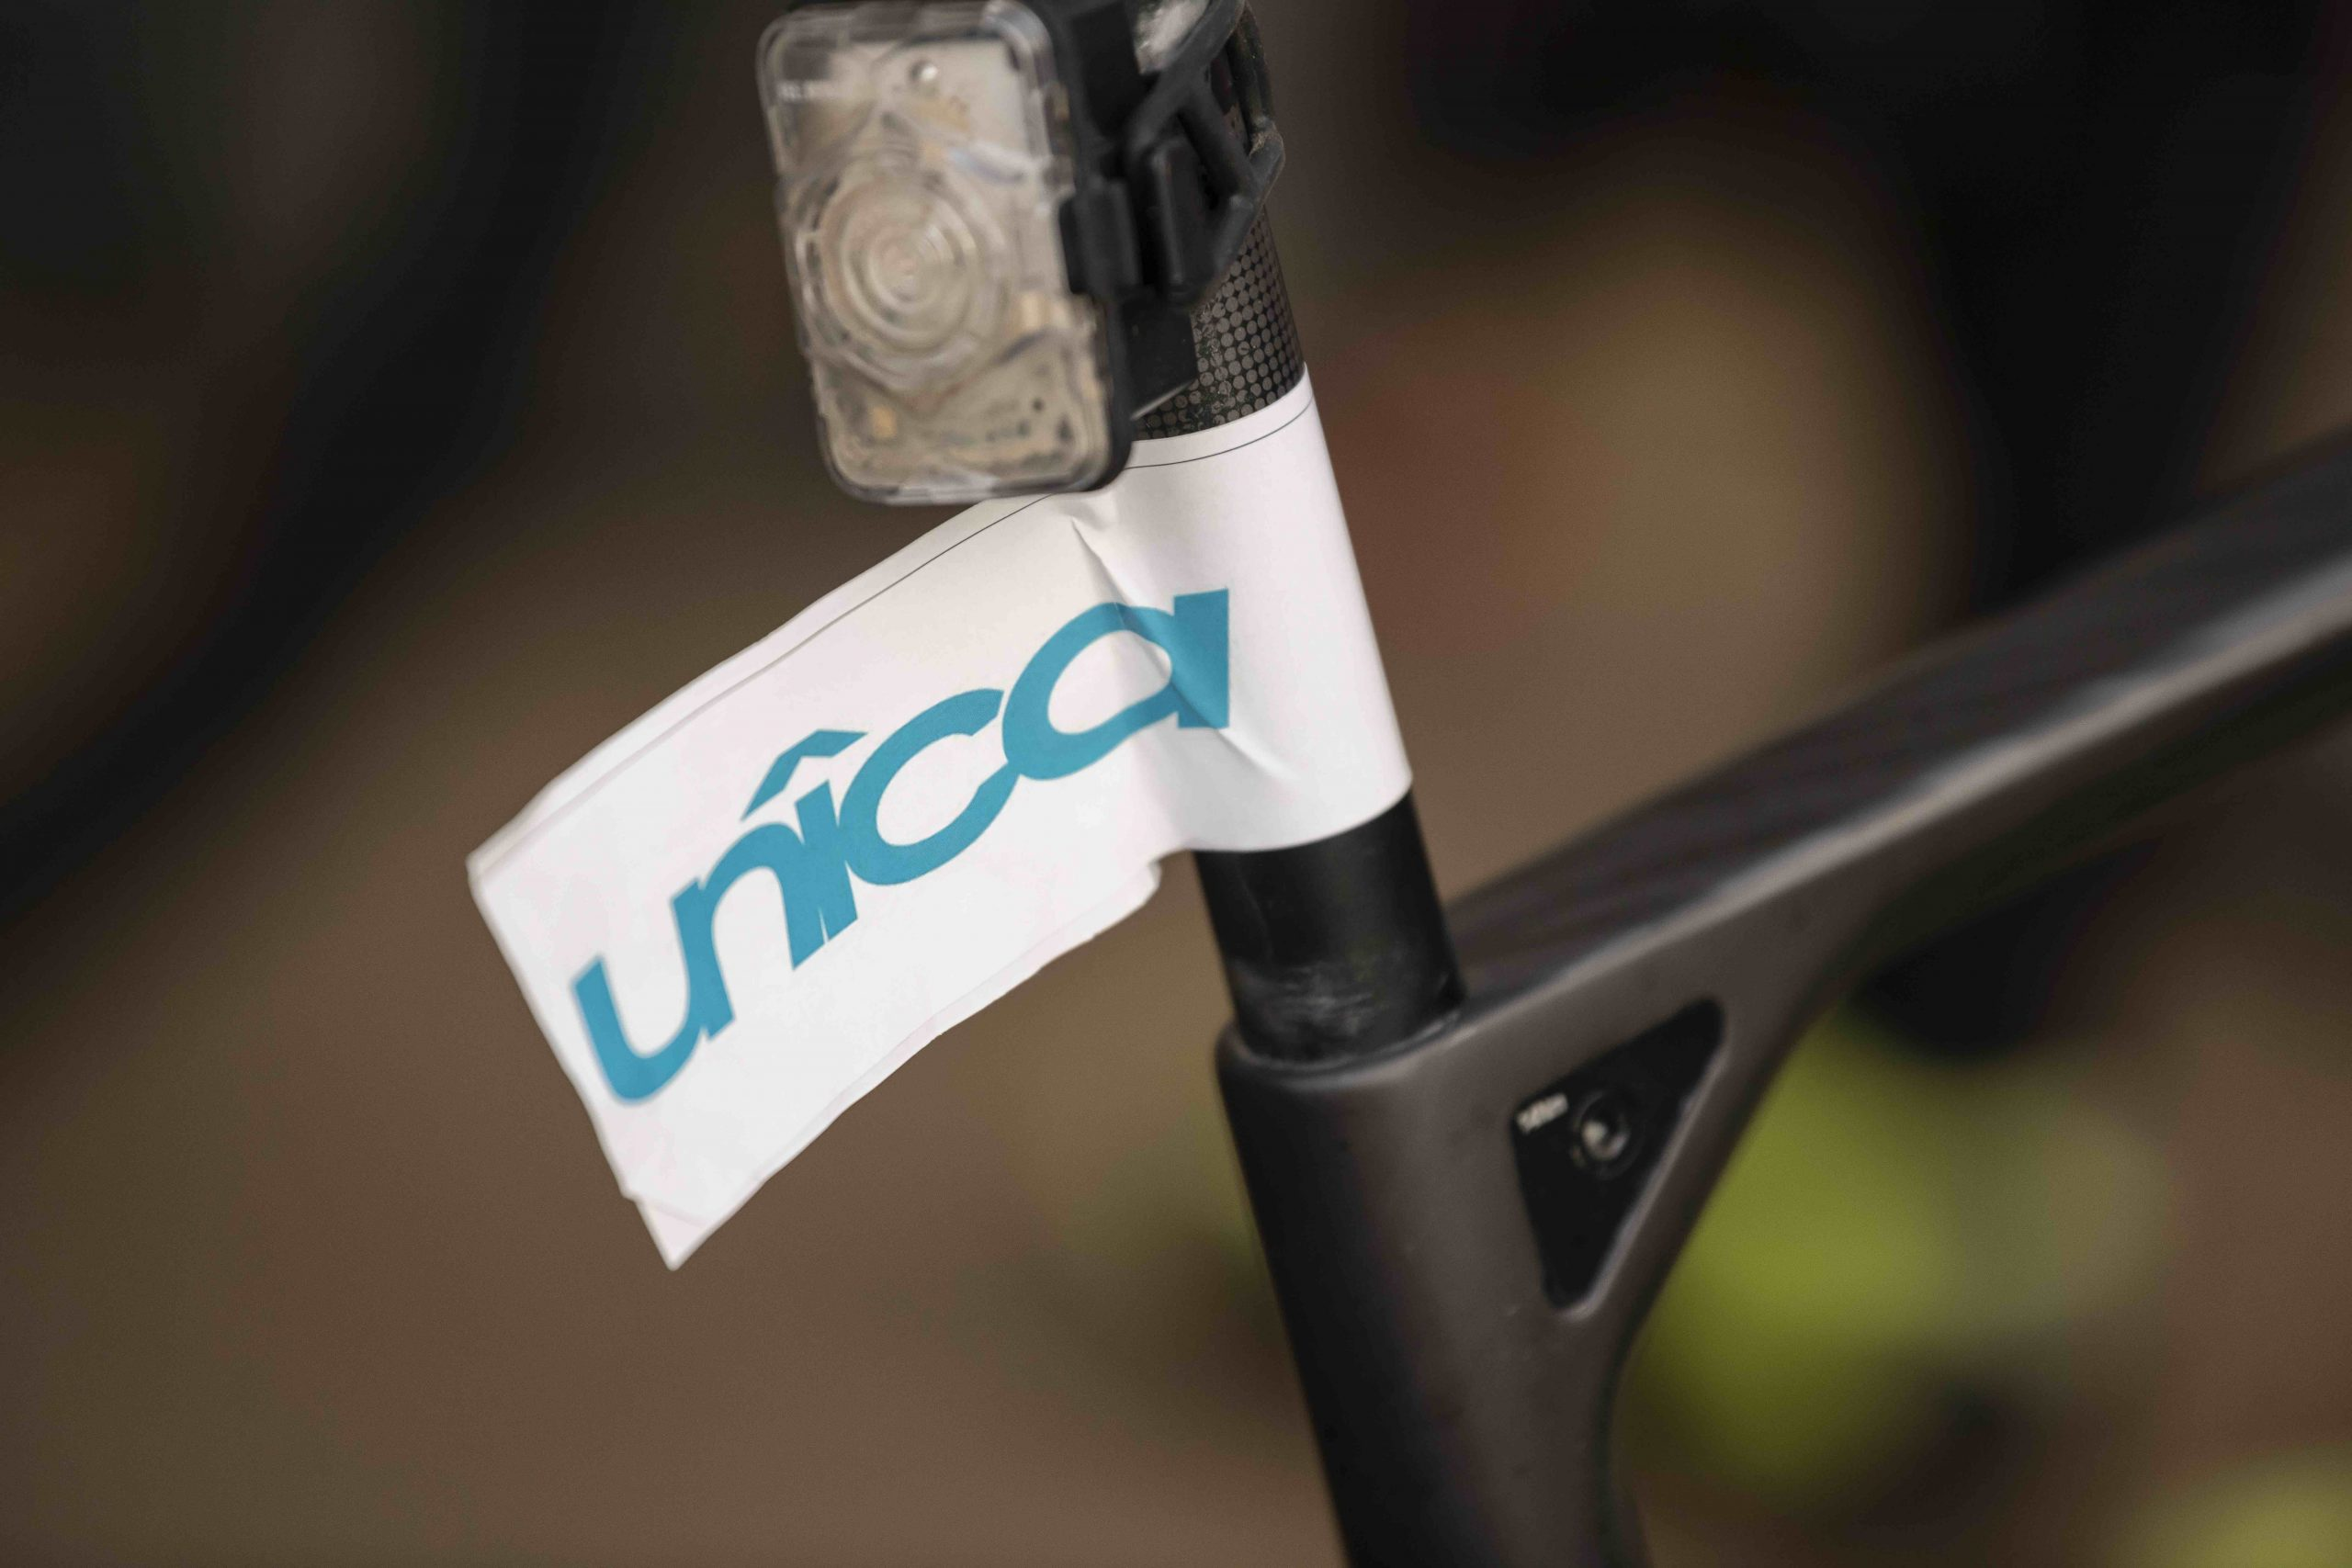 CycloCat